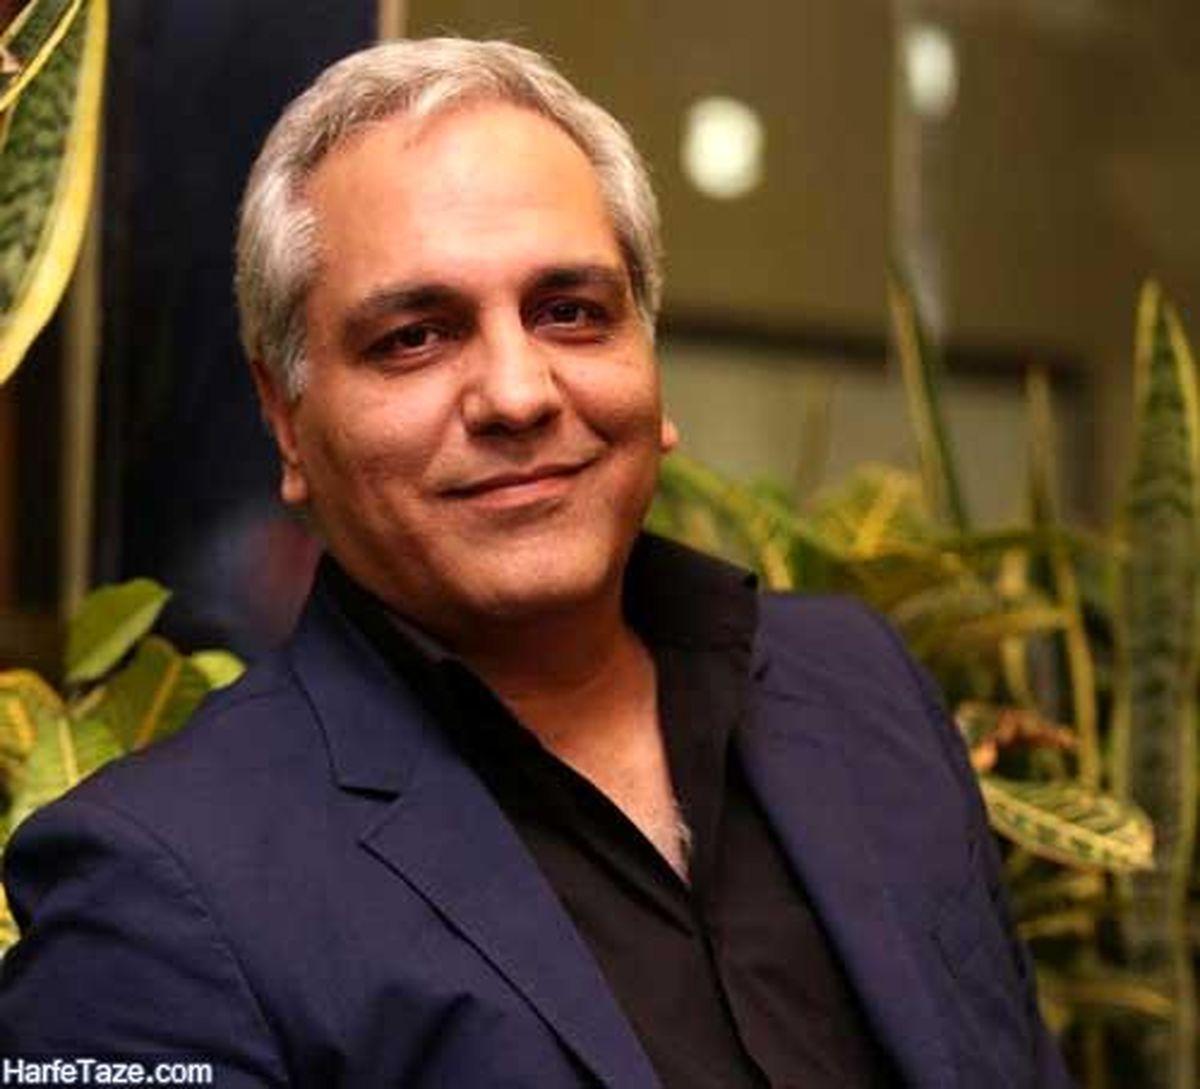 بازیگر معروف مهران مدیری را سنگ روی یخ کرد + فیلم دیدنی